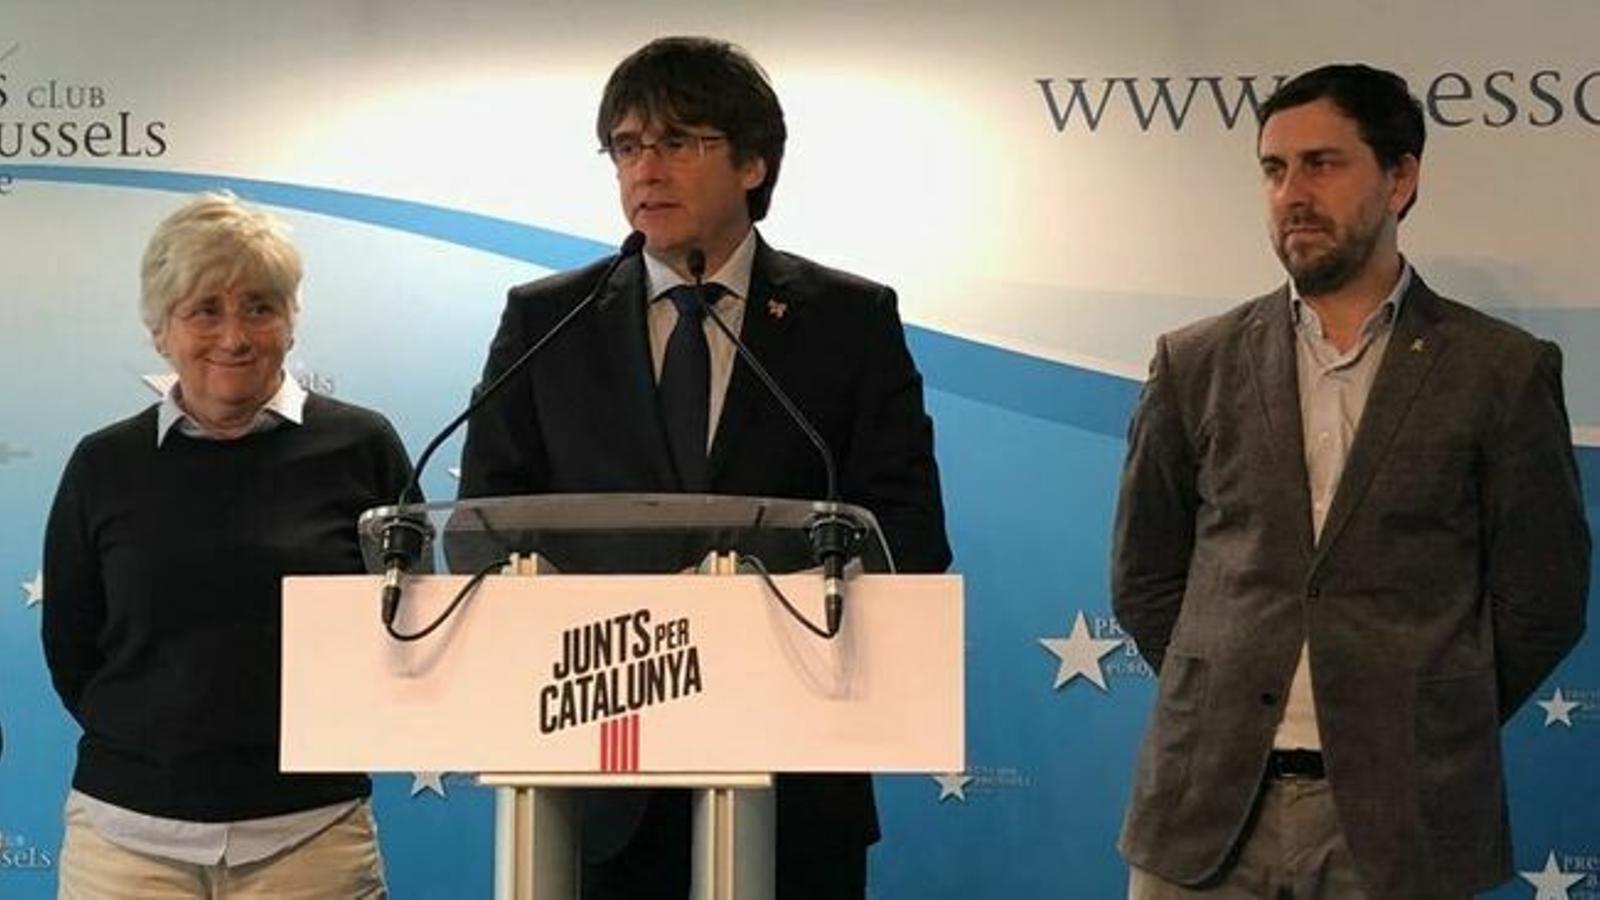 Un grup d'eurodiputats denuncien a la Defensora del Poble Europeu la prohibició de l'Eurocambra a Puigdemont i Comín